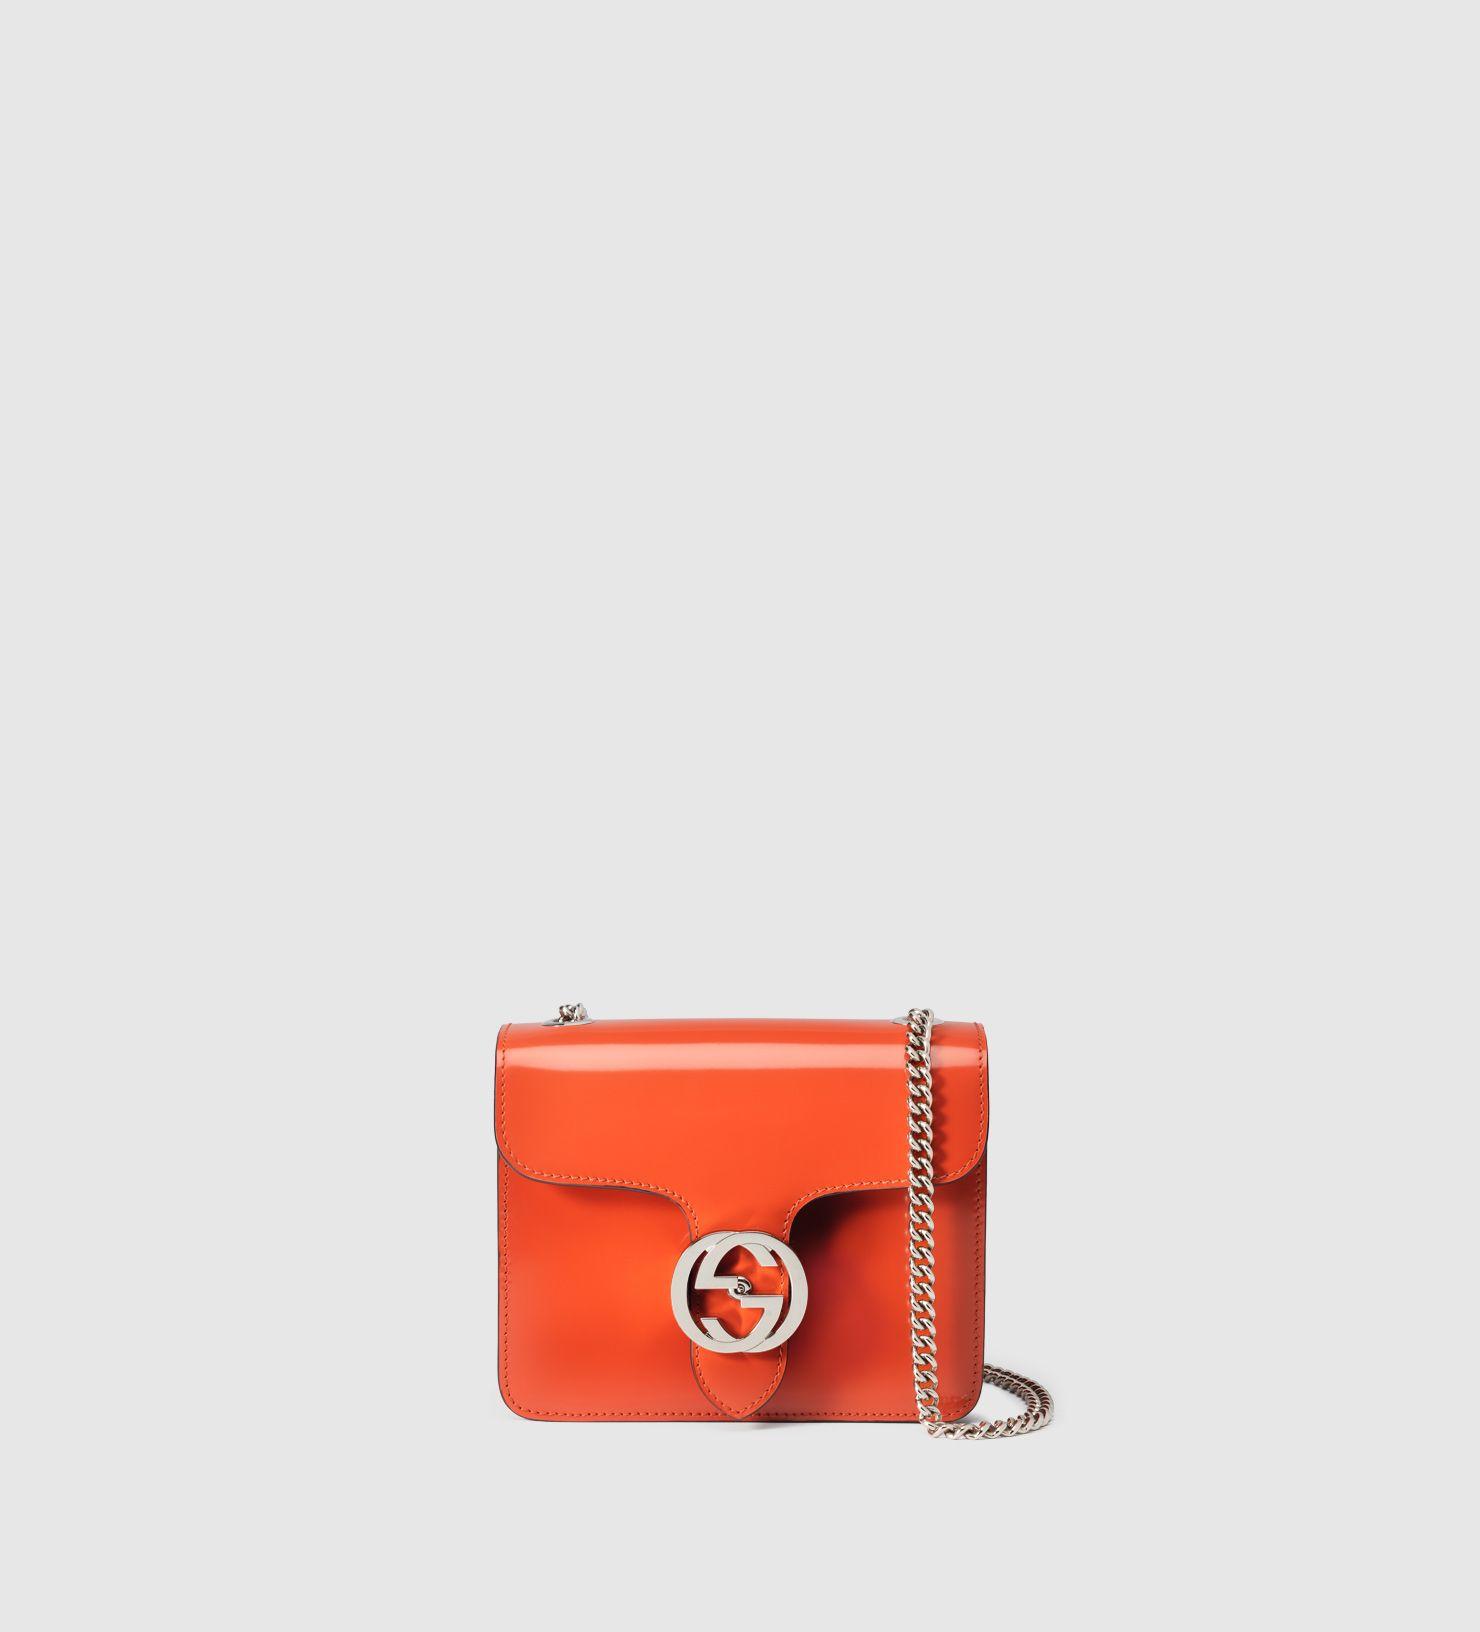 b7c349a9d664 Sac en cuir avec détail double G   Pinterest   Gucci, Epaule et Cuir